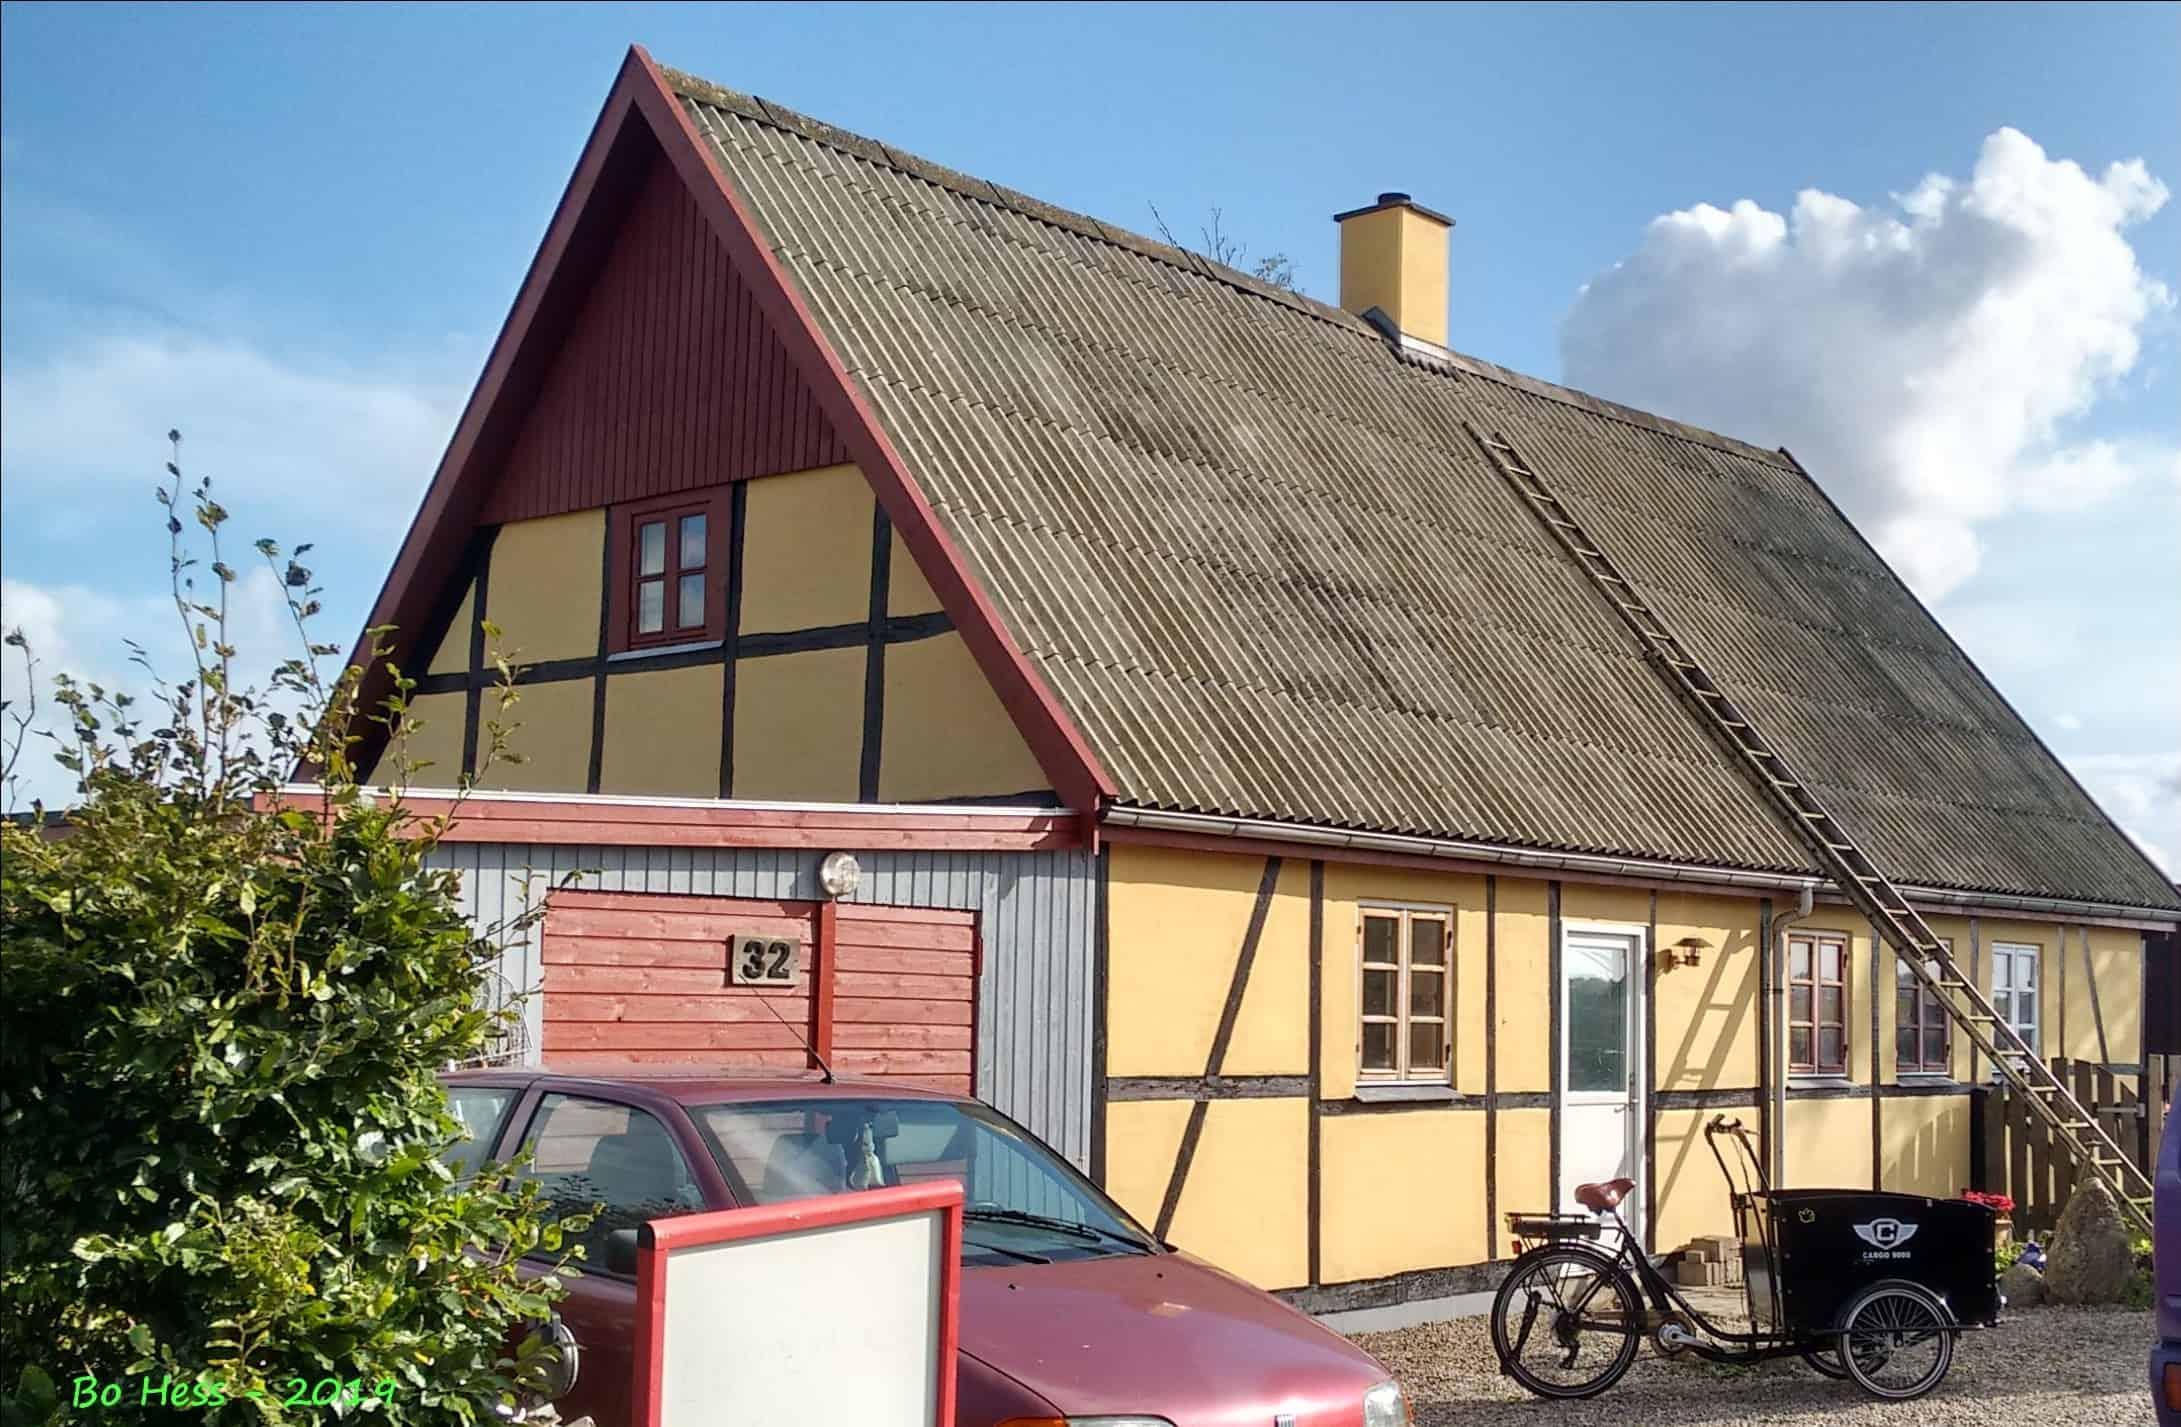 Første jordemoderbolig i Nørreballe, bygget ca. 1820. I dag smukt vedligeholdt.